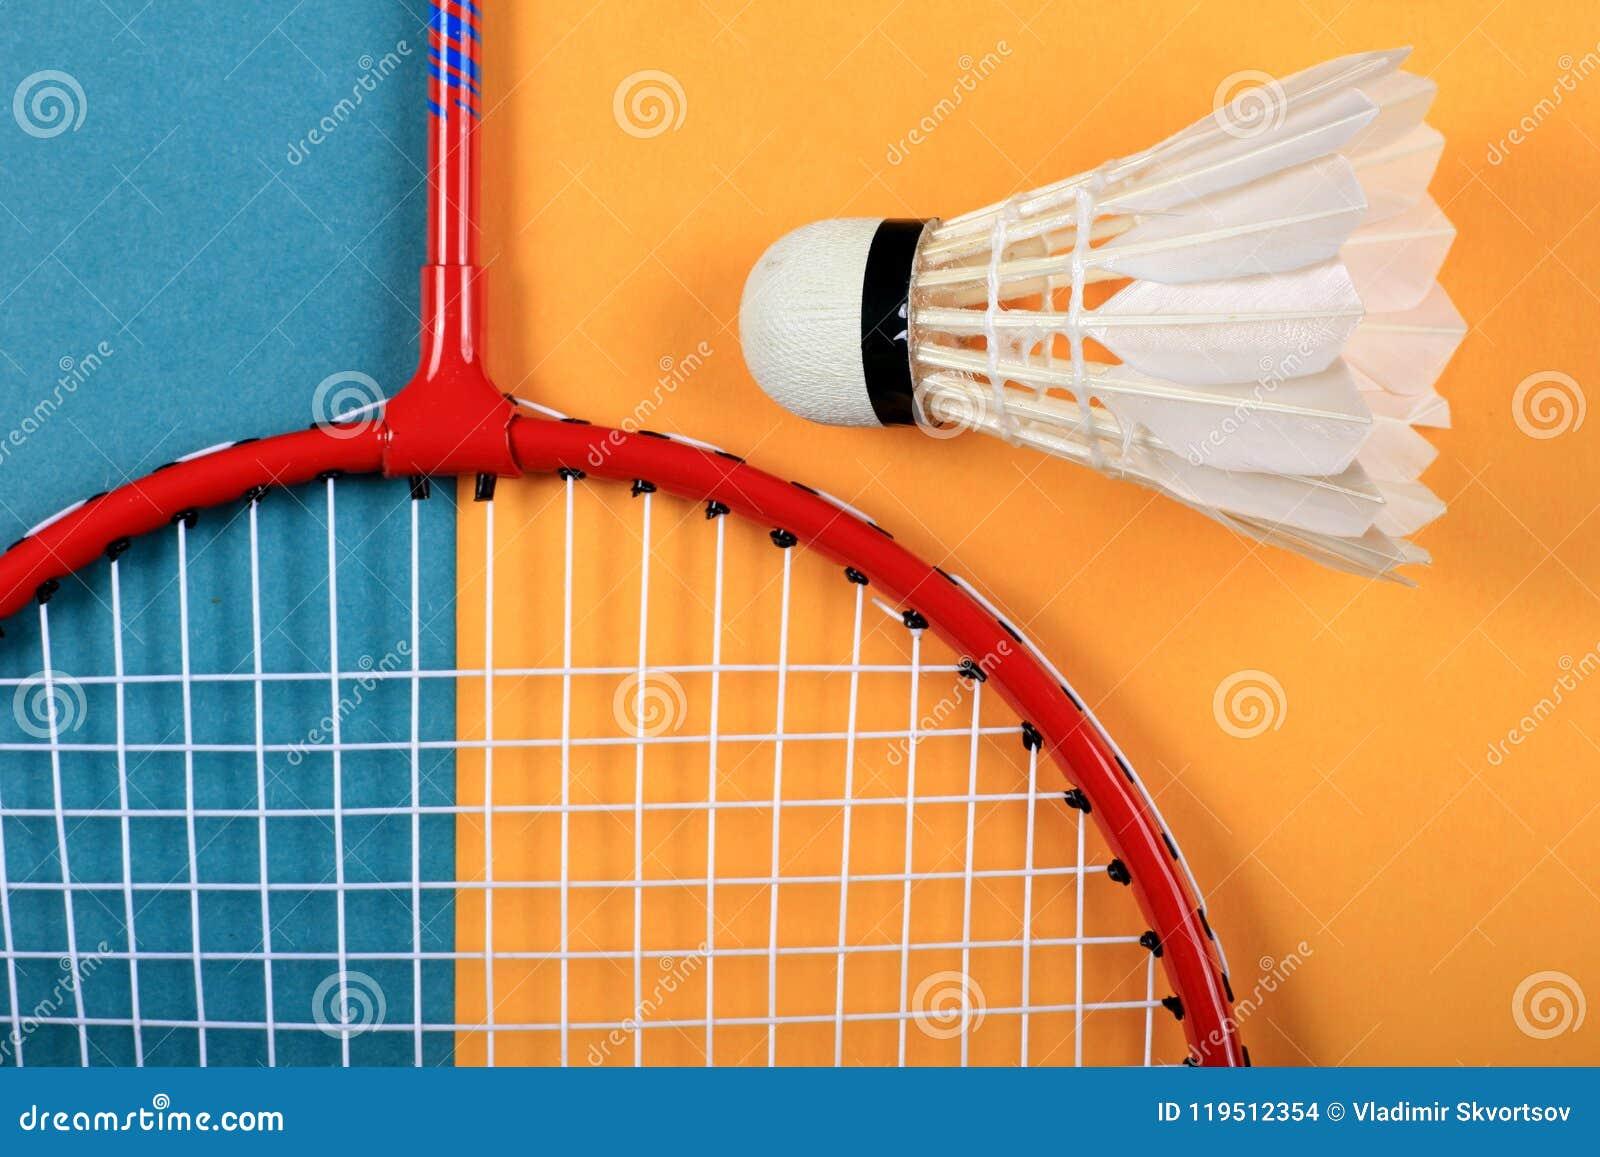 Roligt minsta begrepp för sommar Bästa sikt på badmintonracket och fjäderboll